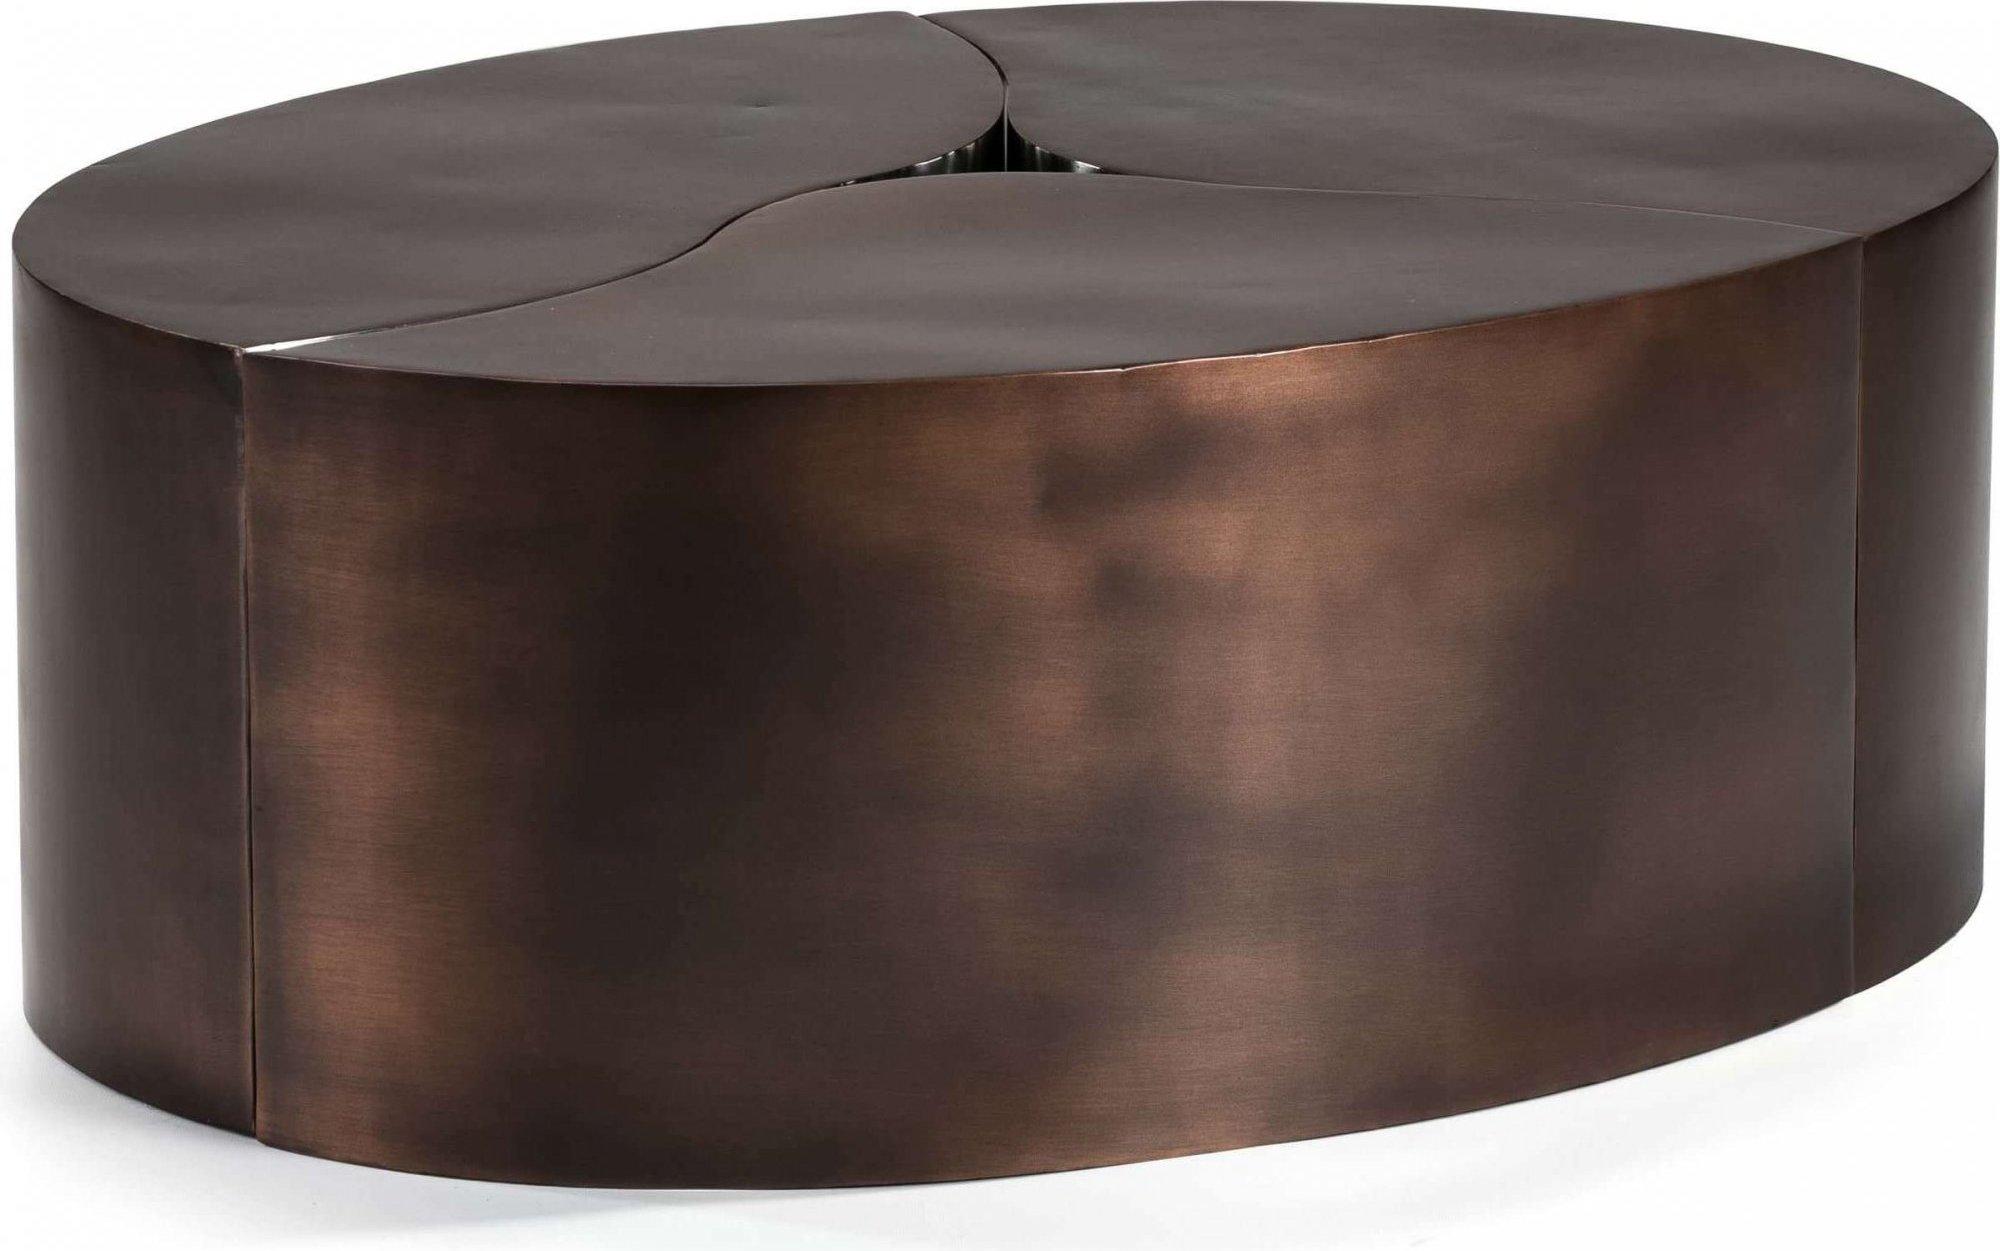 Table basse design ovale acier rouillé l103 l76cm